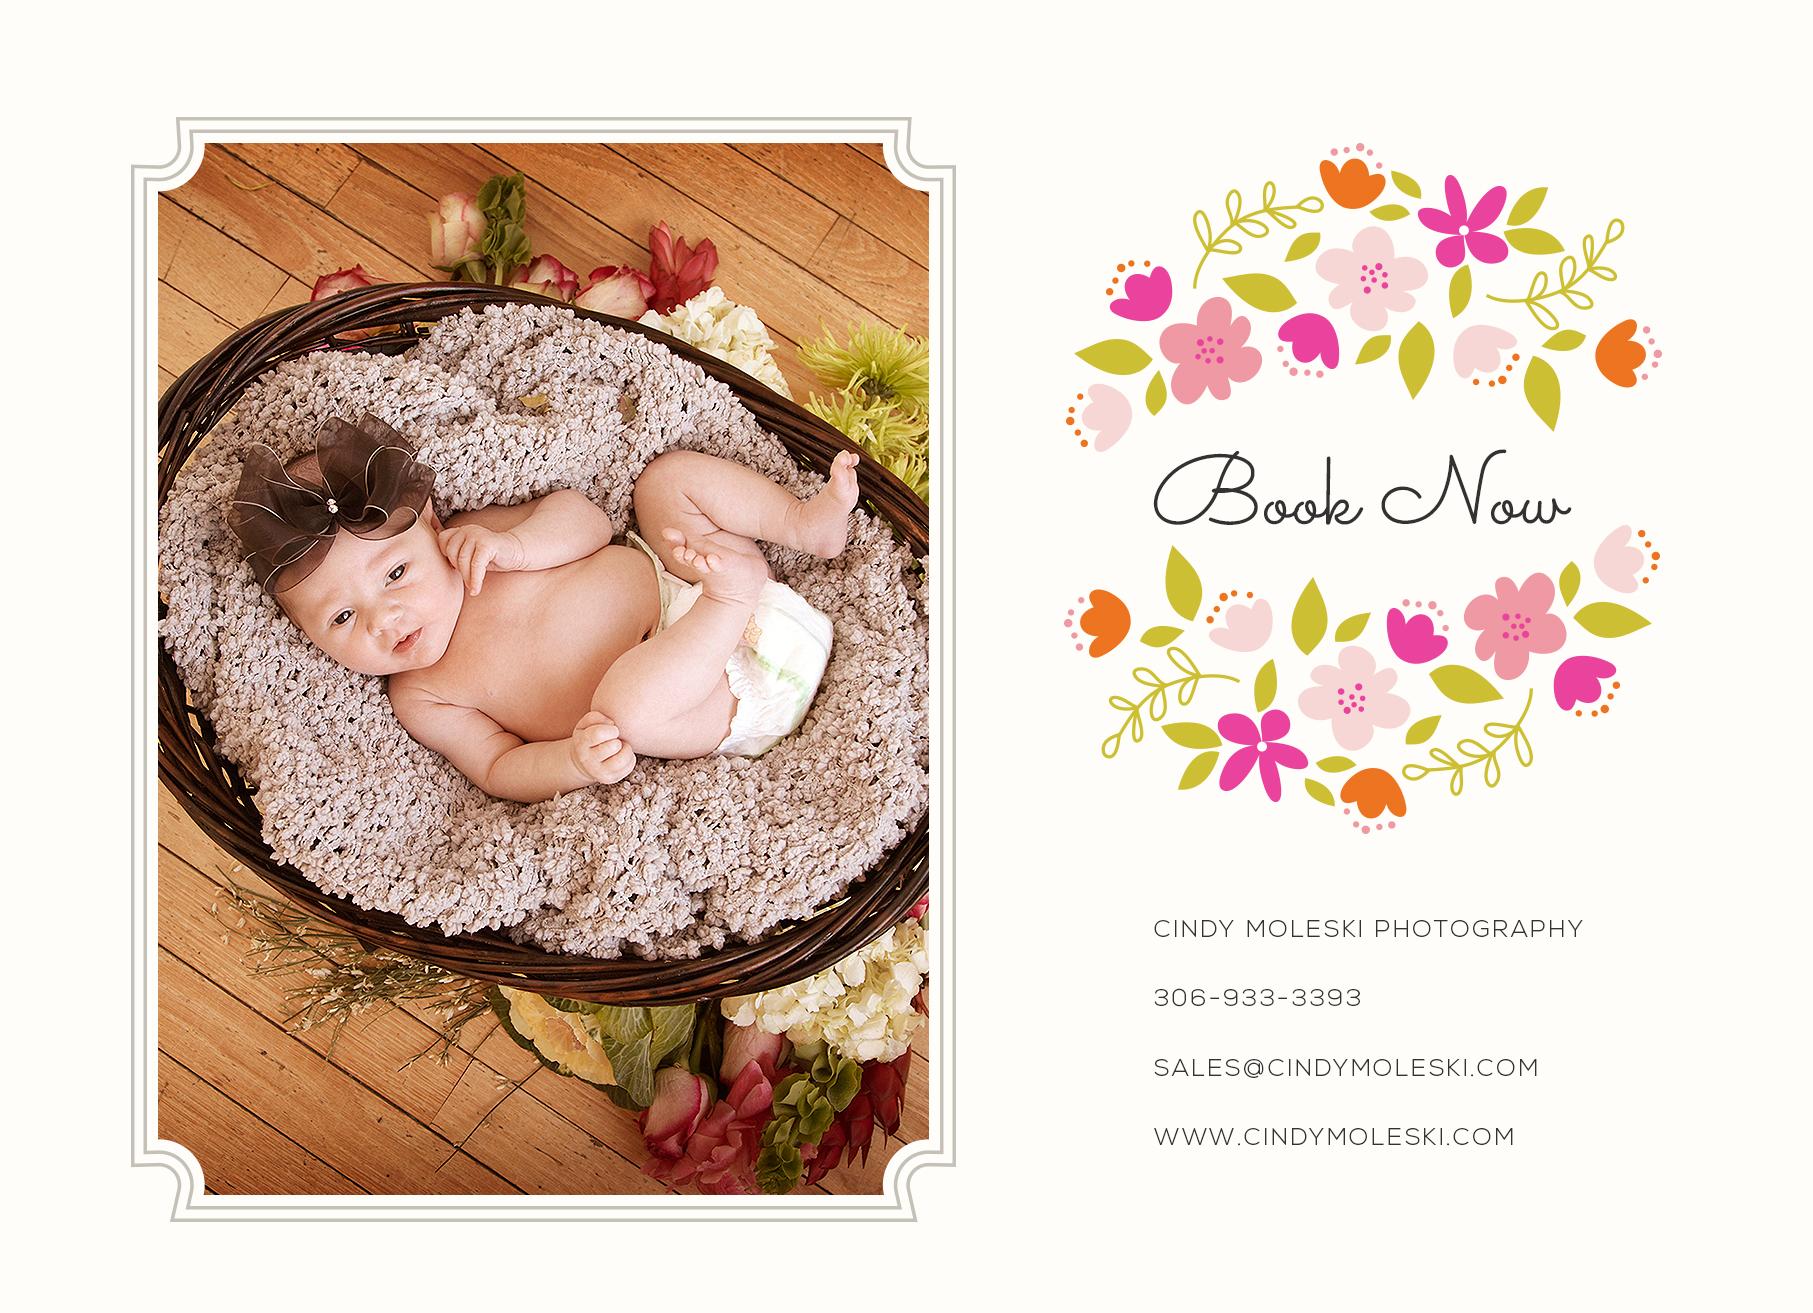 GBS-Brochure-010.jpg